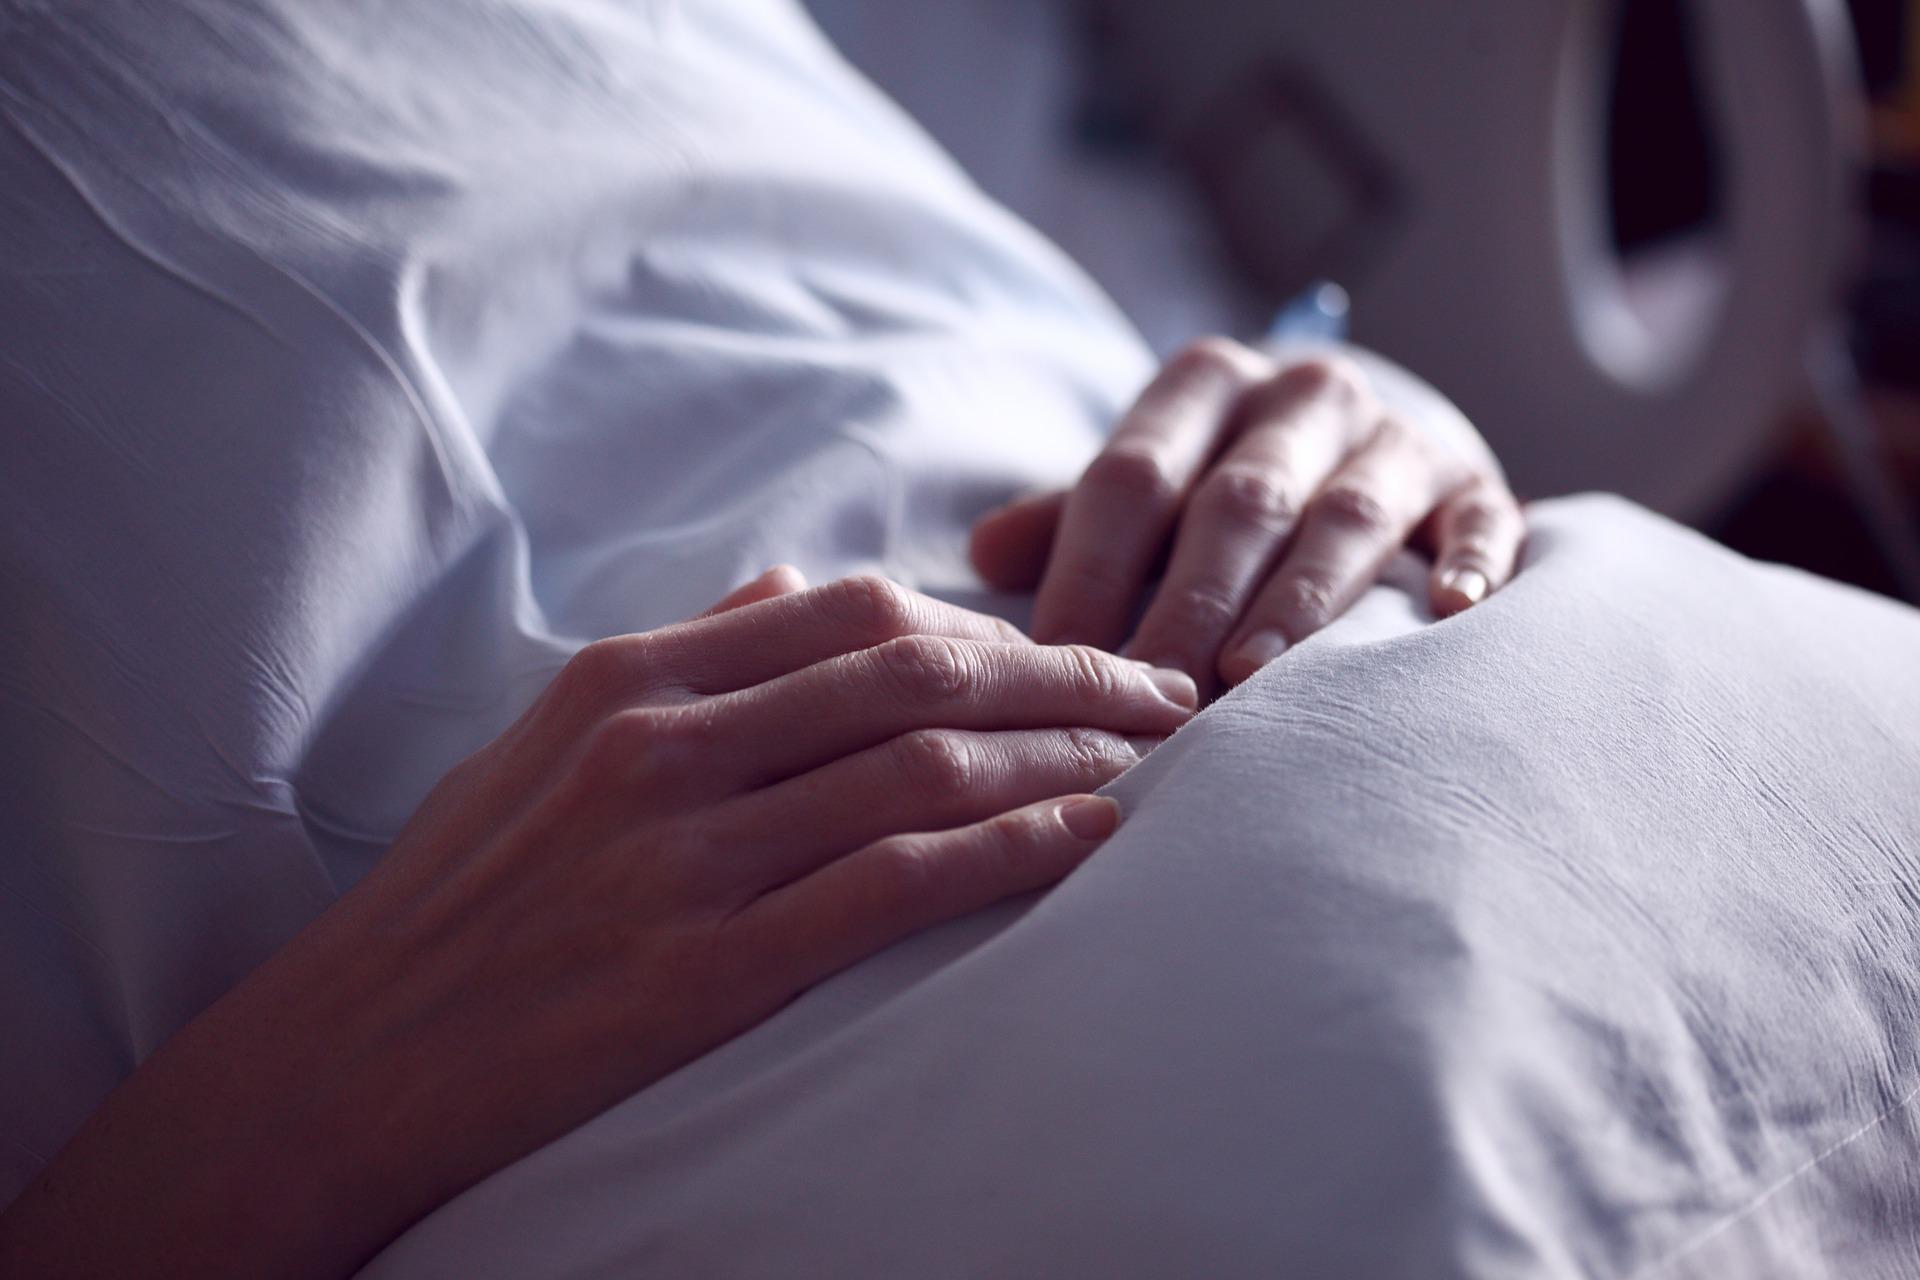 GANZ SCHÖN TOT - Begegnungen mit Tod und Sterben in der Pflege